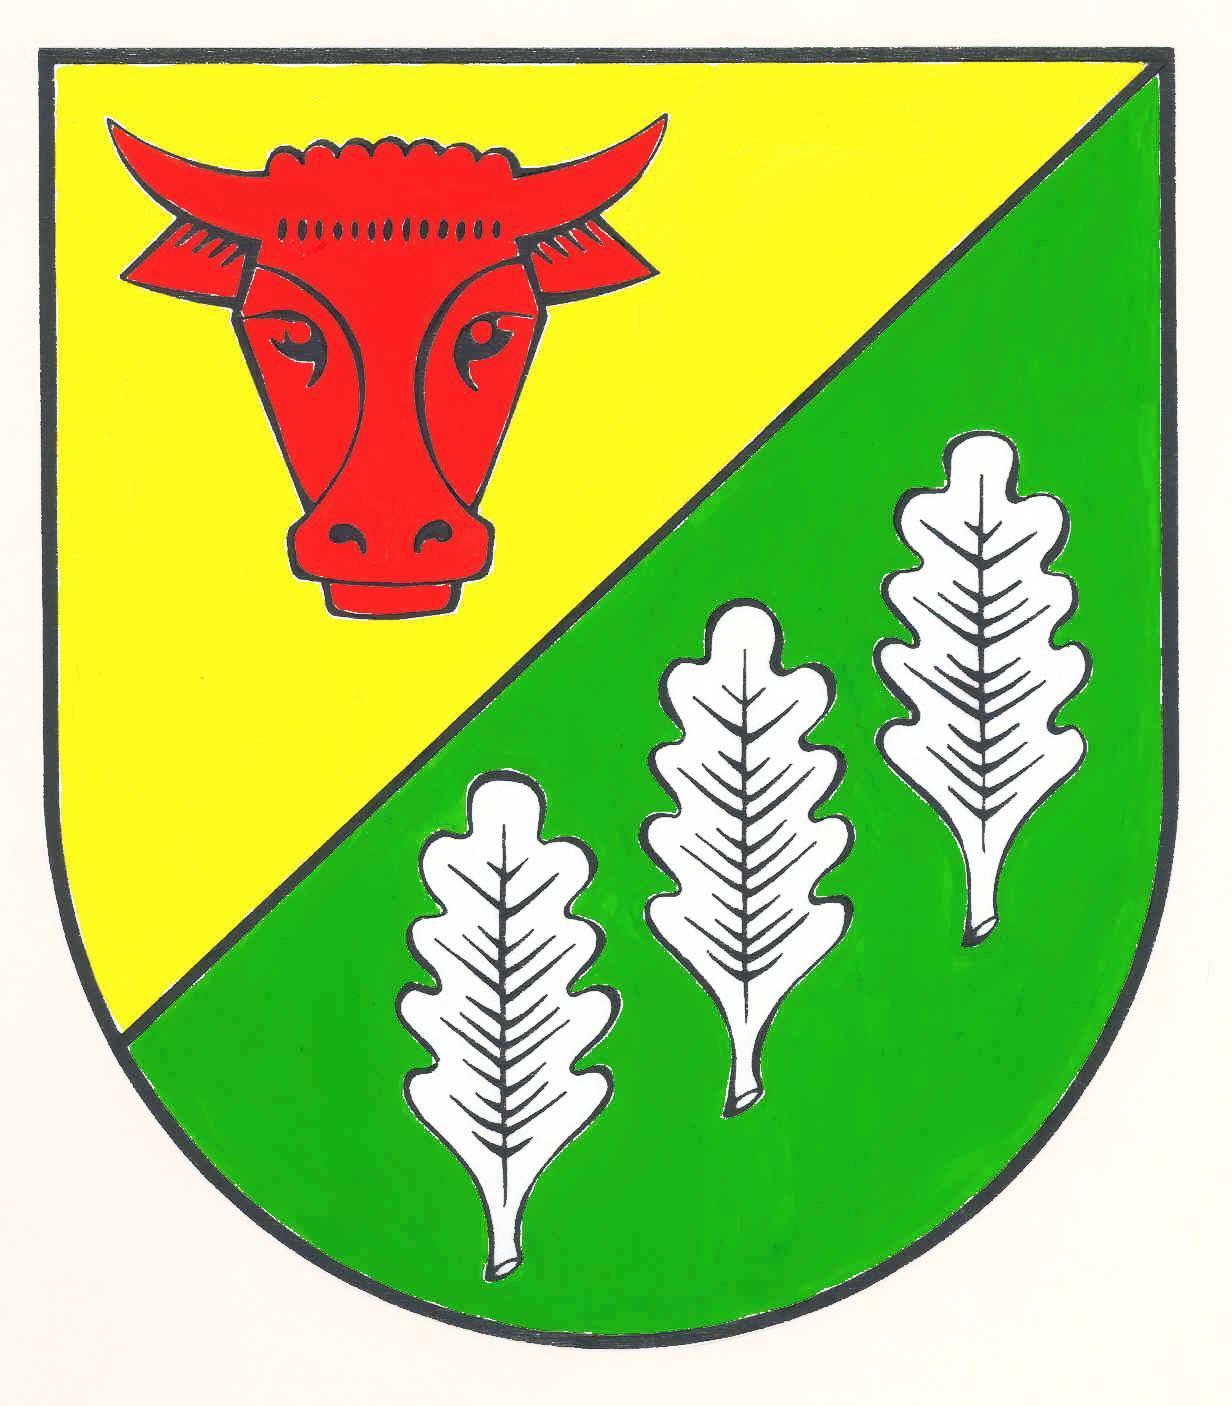 Wappen GemeindeKropp, Kreis Schleswig-Flensburg